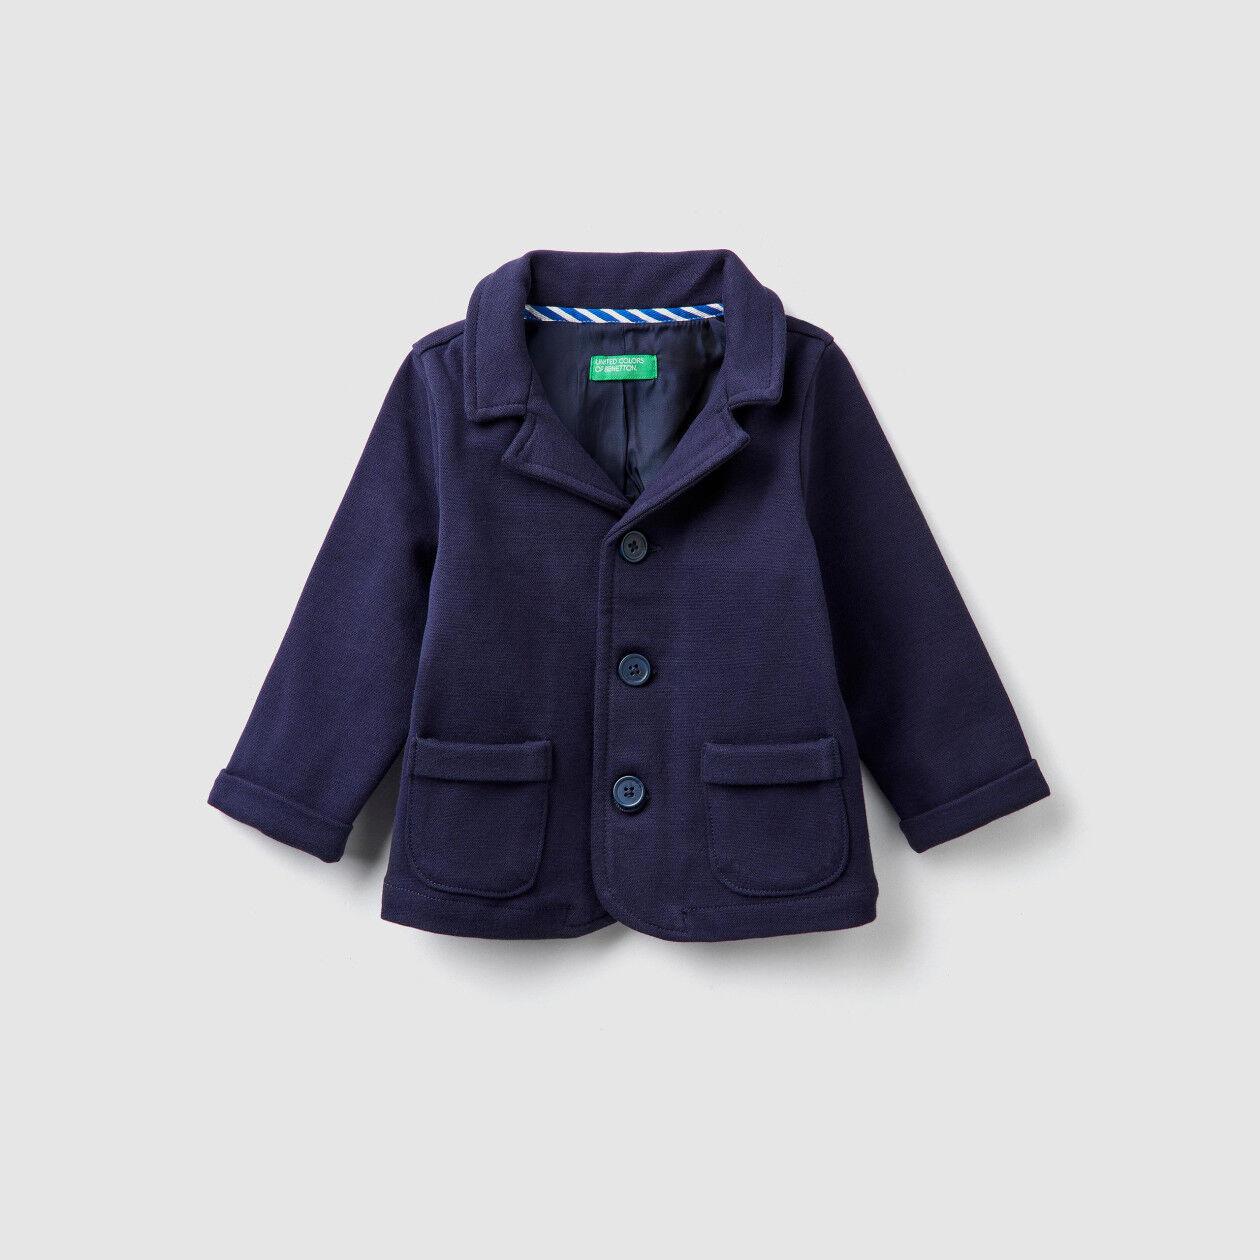 Stretch cotton blazer